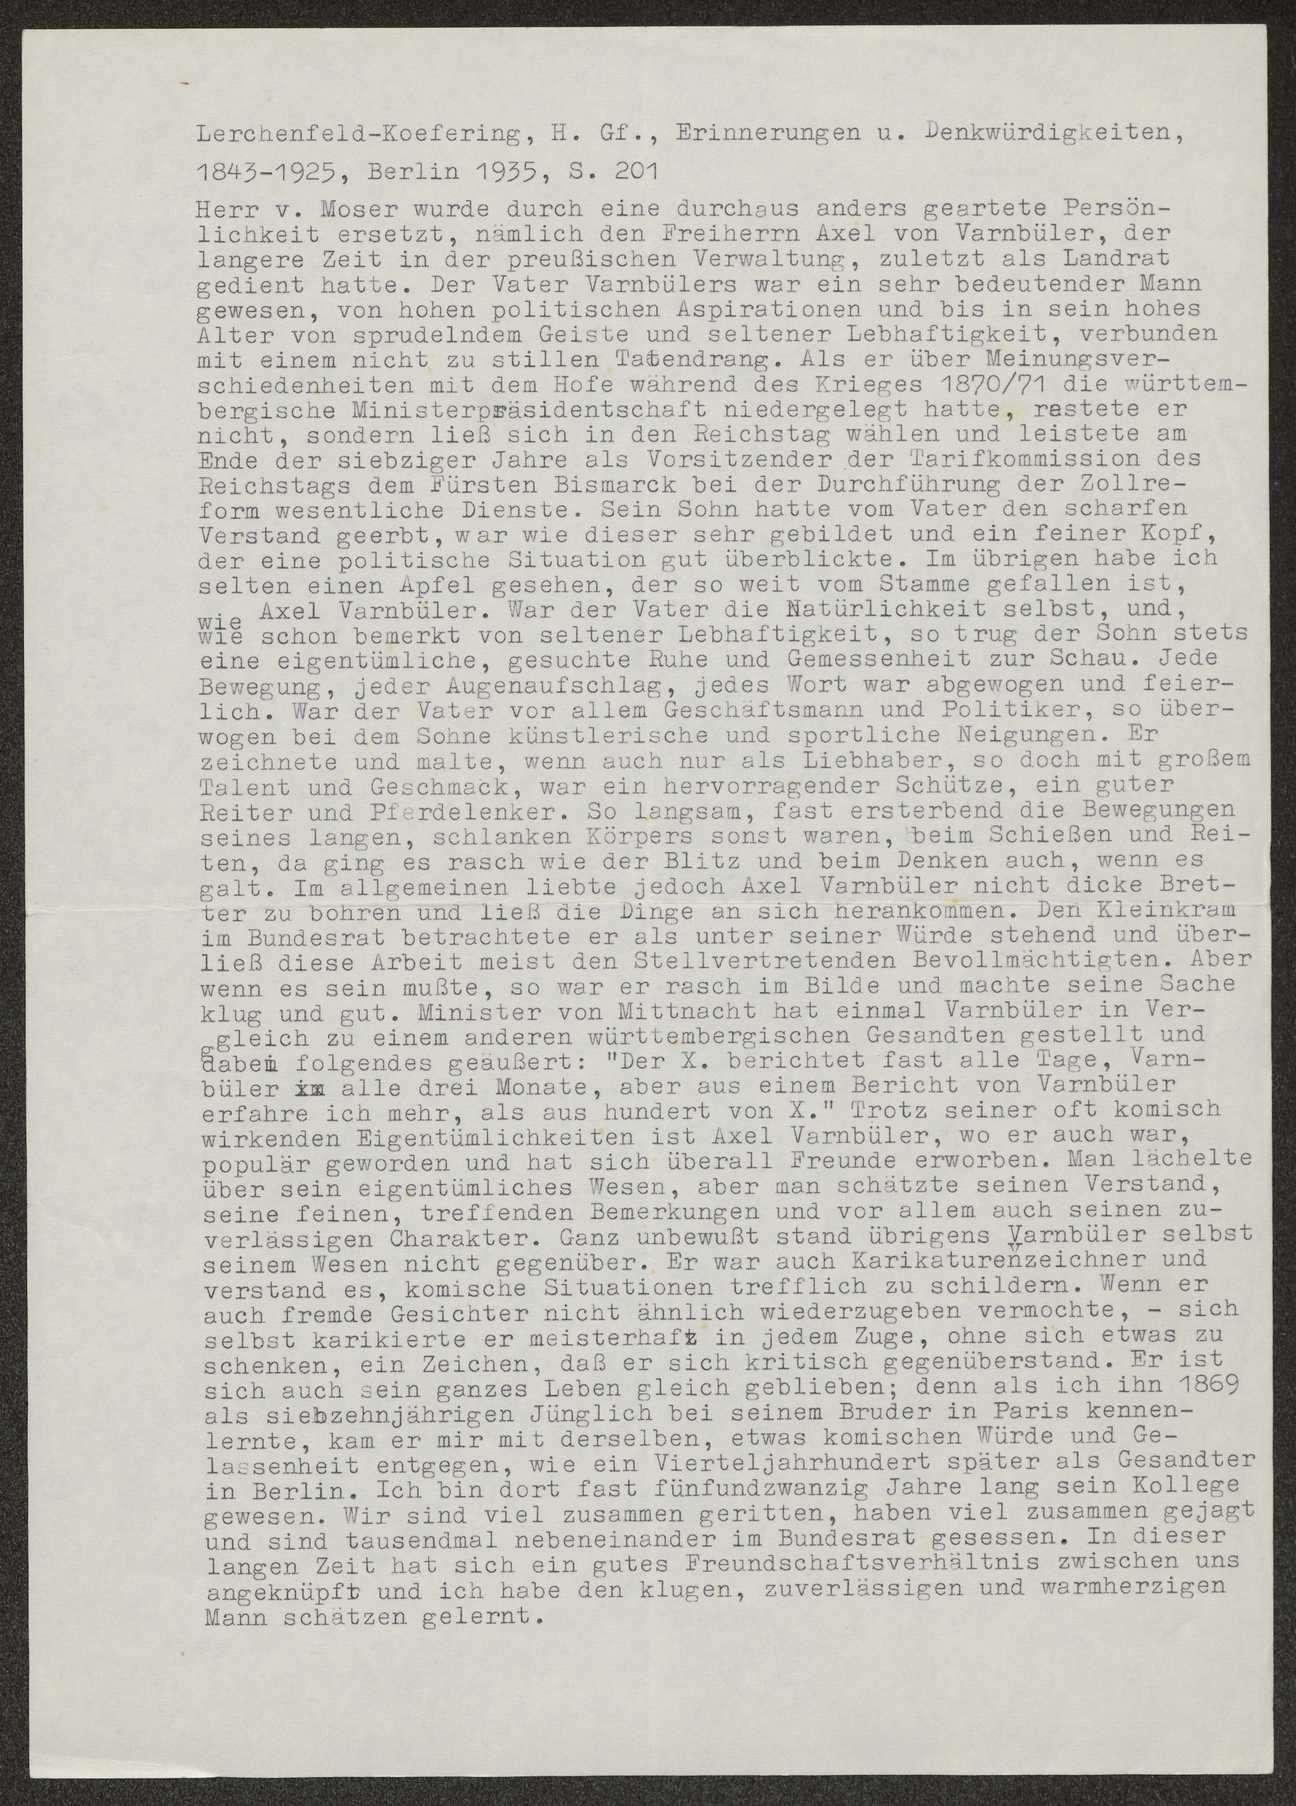 Berichte des württembergischen Gesandten in Berlin v. Varnbüler an Weizsäcker, Bild 2